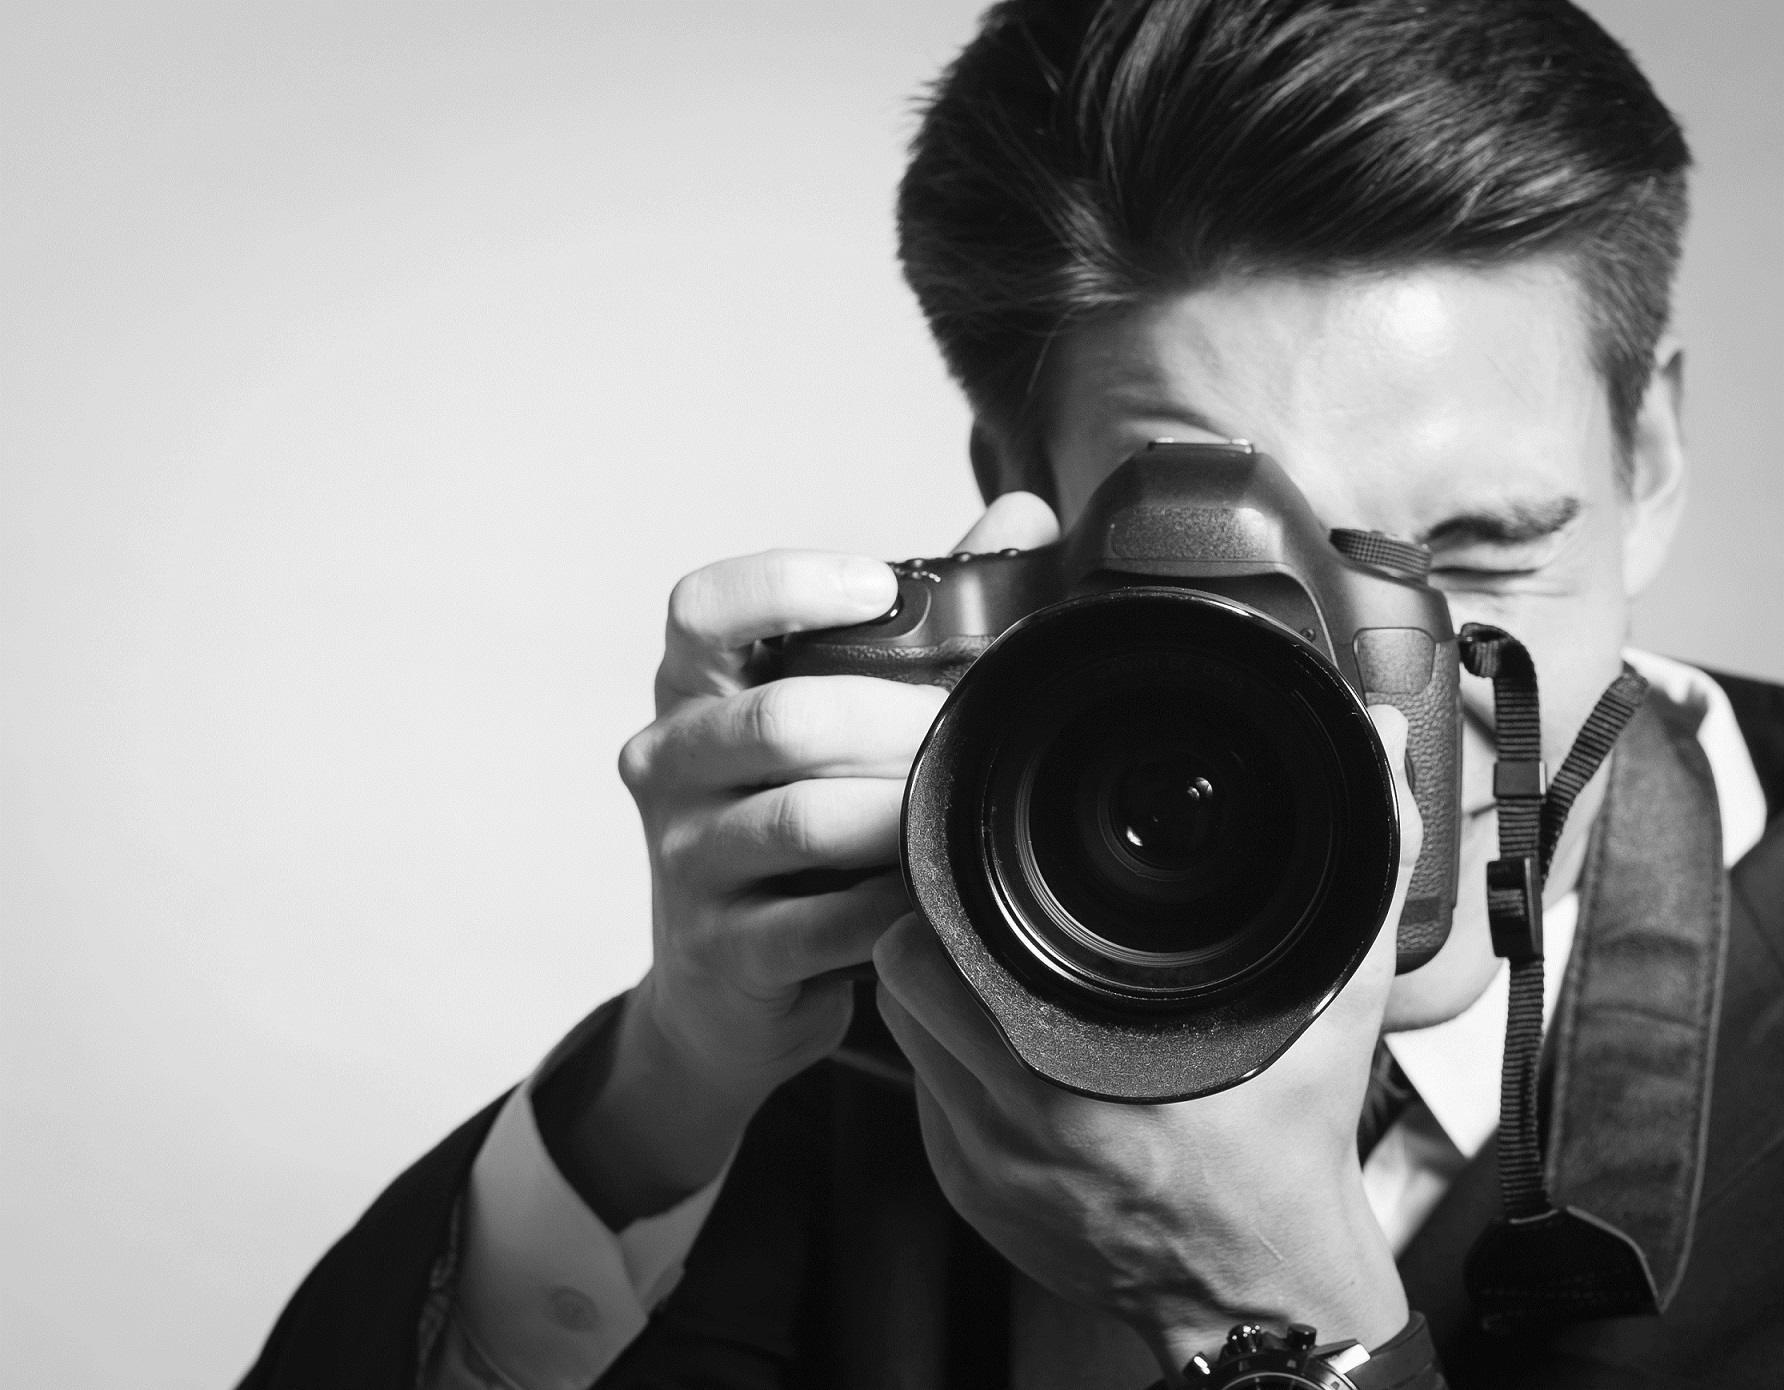 снимки фотографов любителей показателей можно